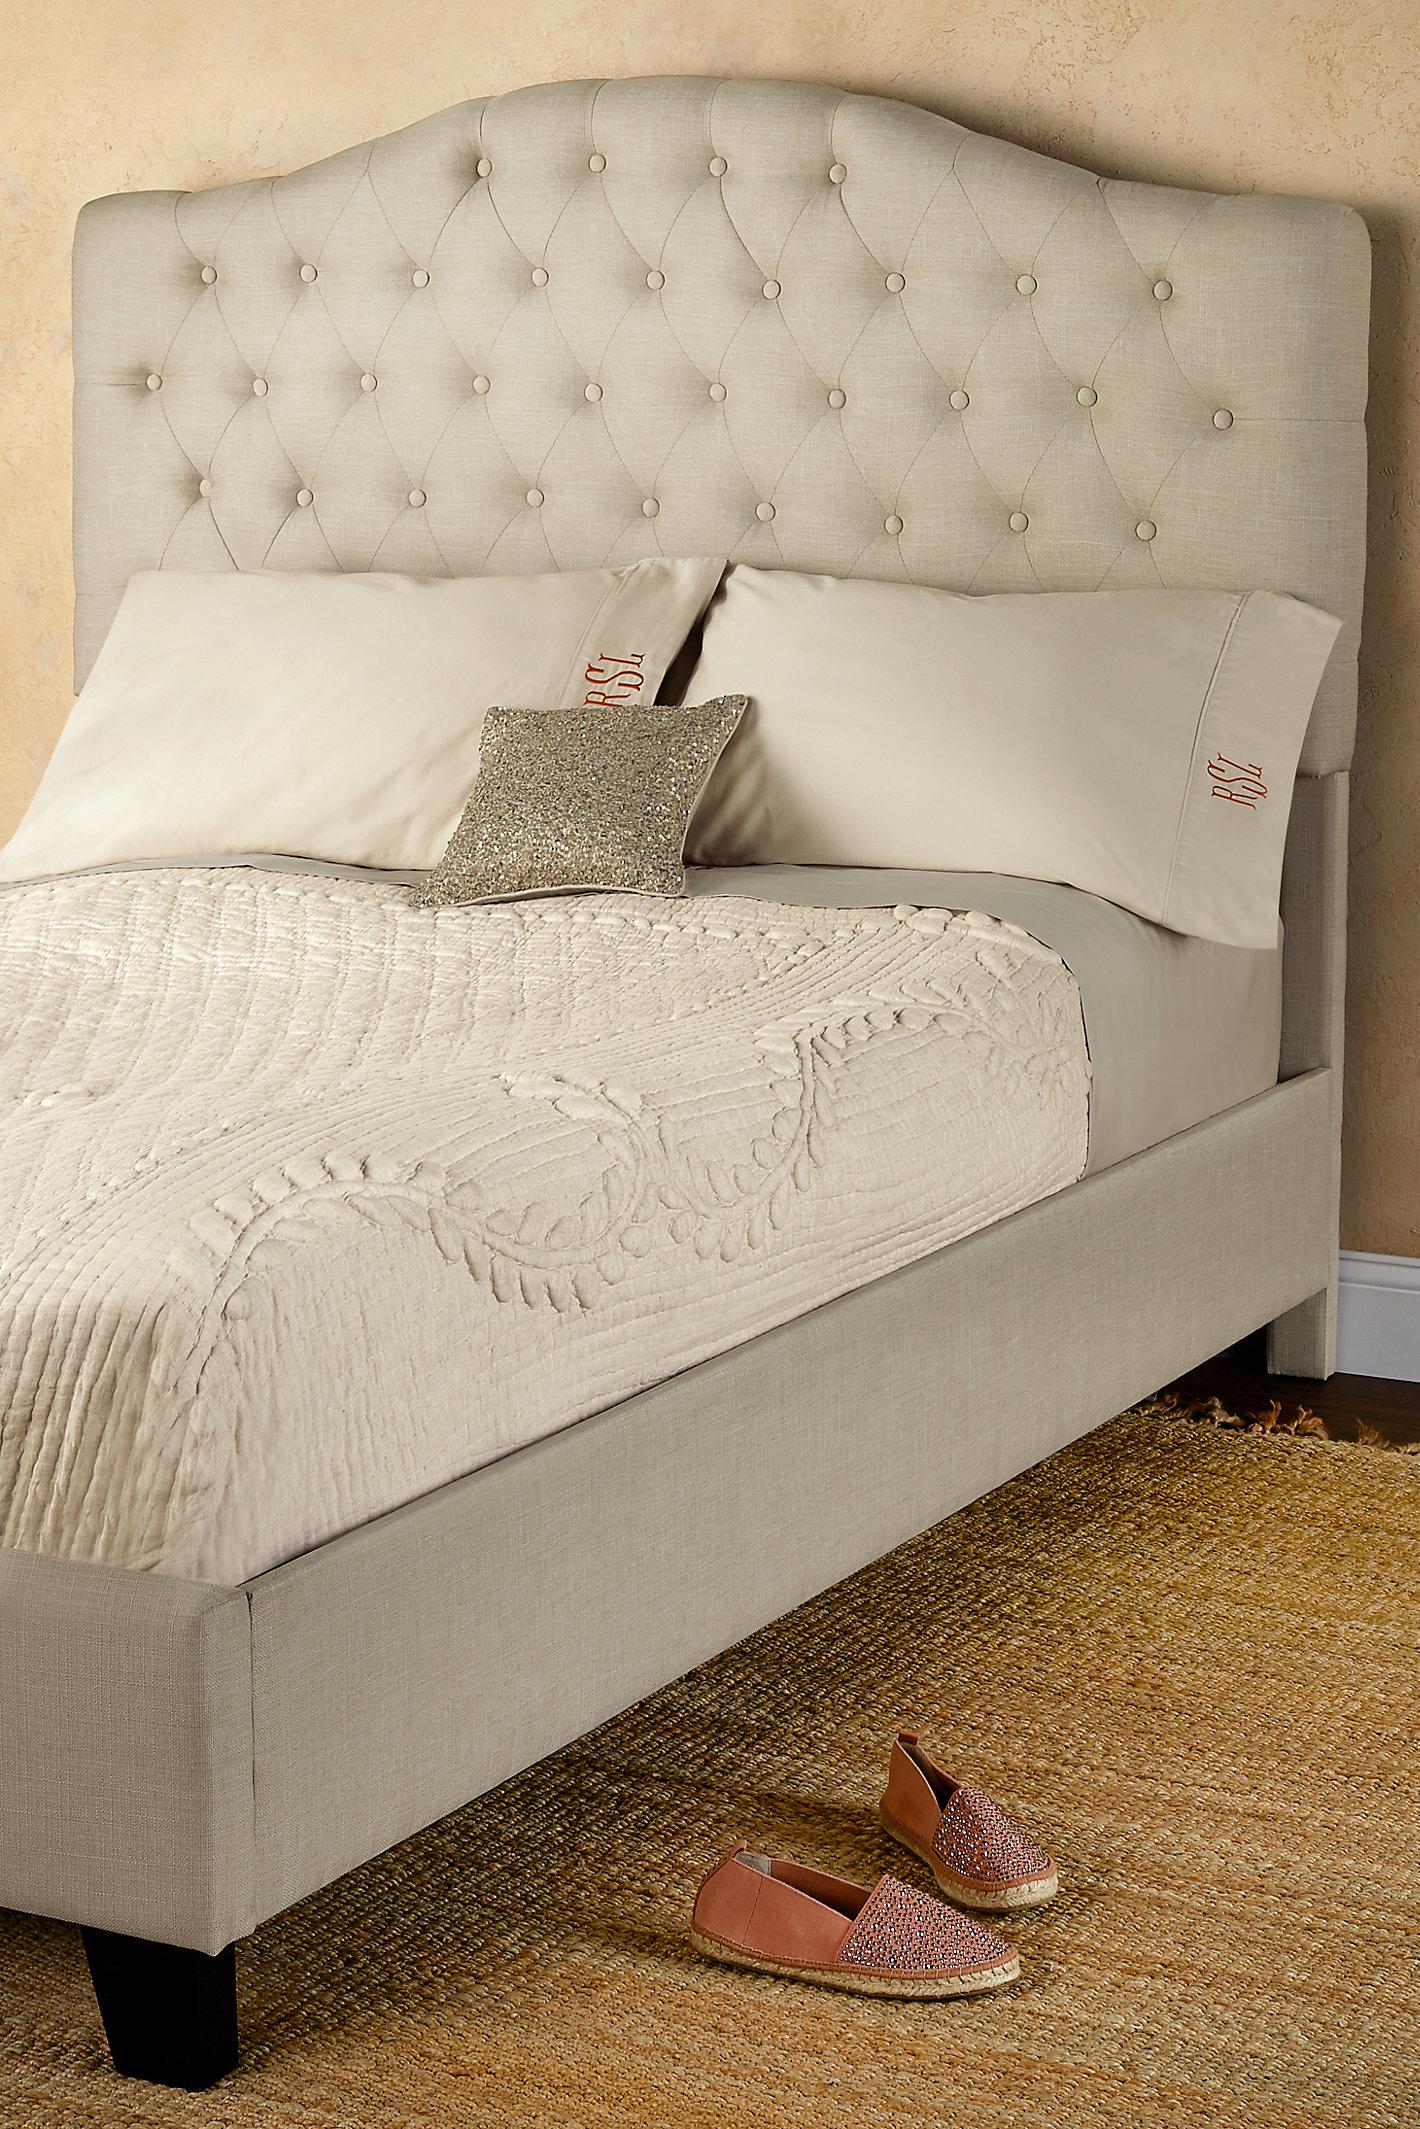 LINDELL UPHOLSTERED BED